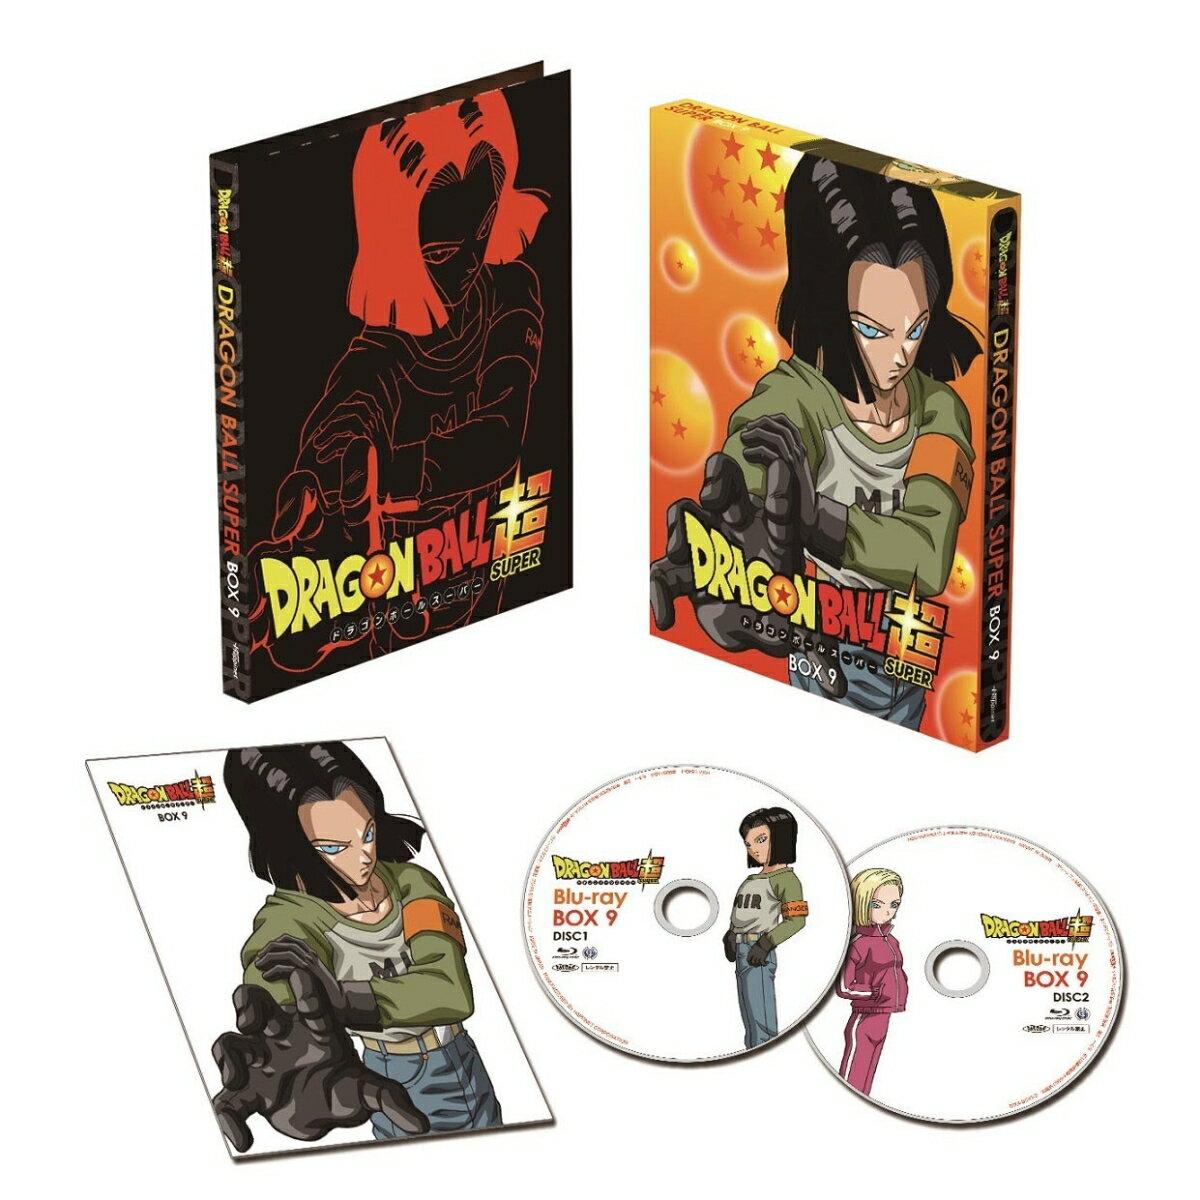 ドラゴンボール超 Blu-ray BOX9【Blu-ray】 [ 鶴ひろみ ]